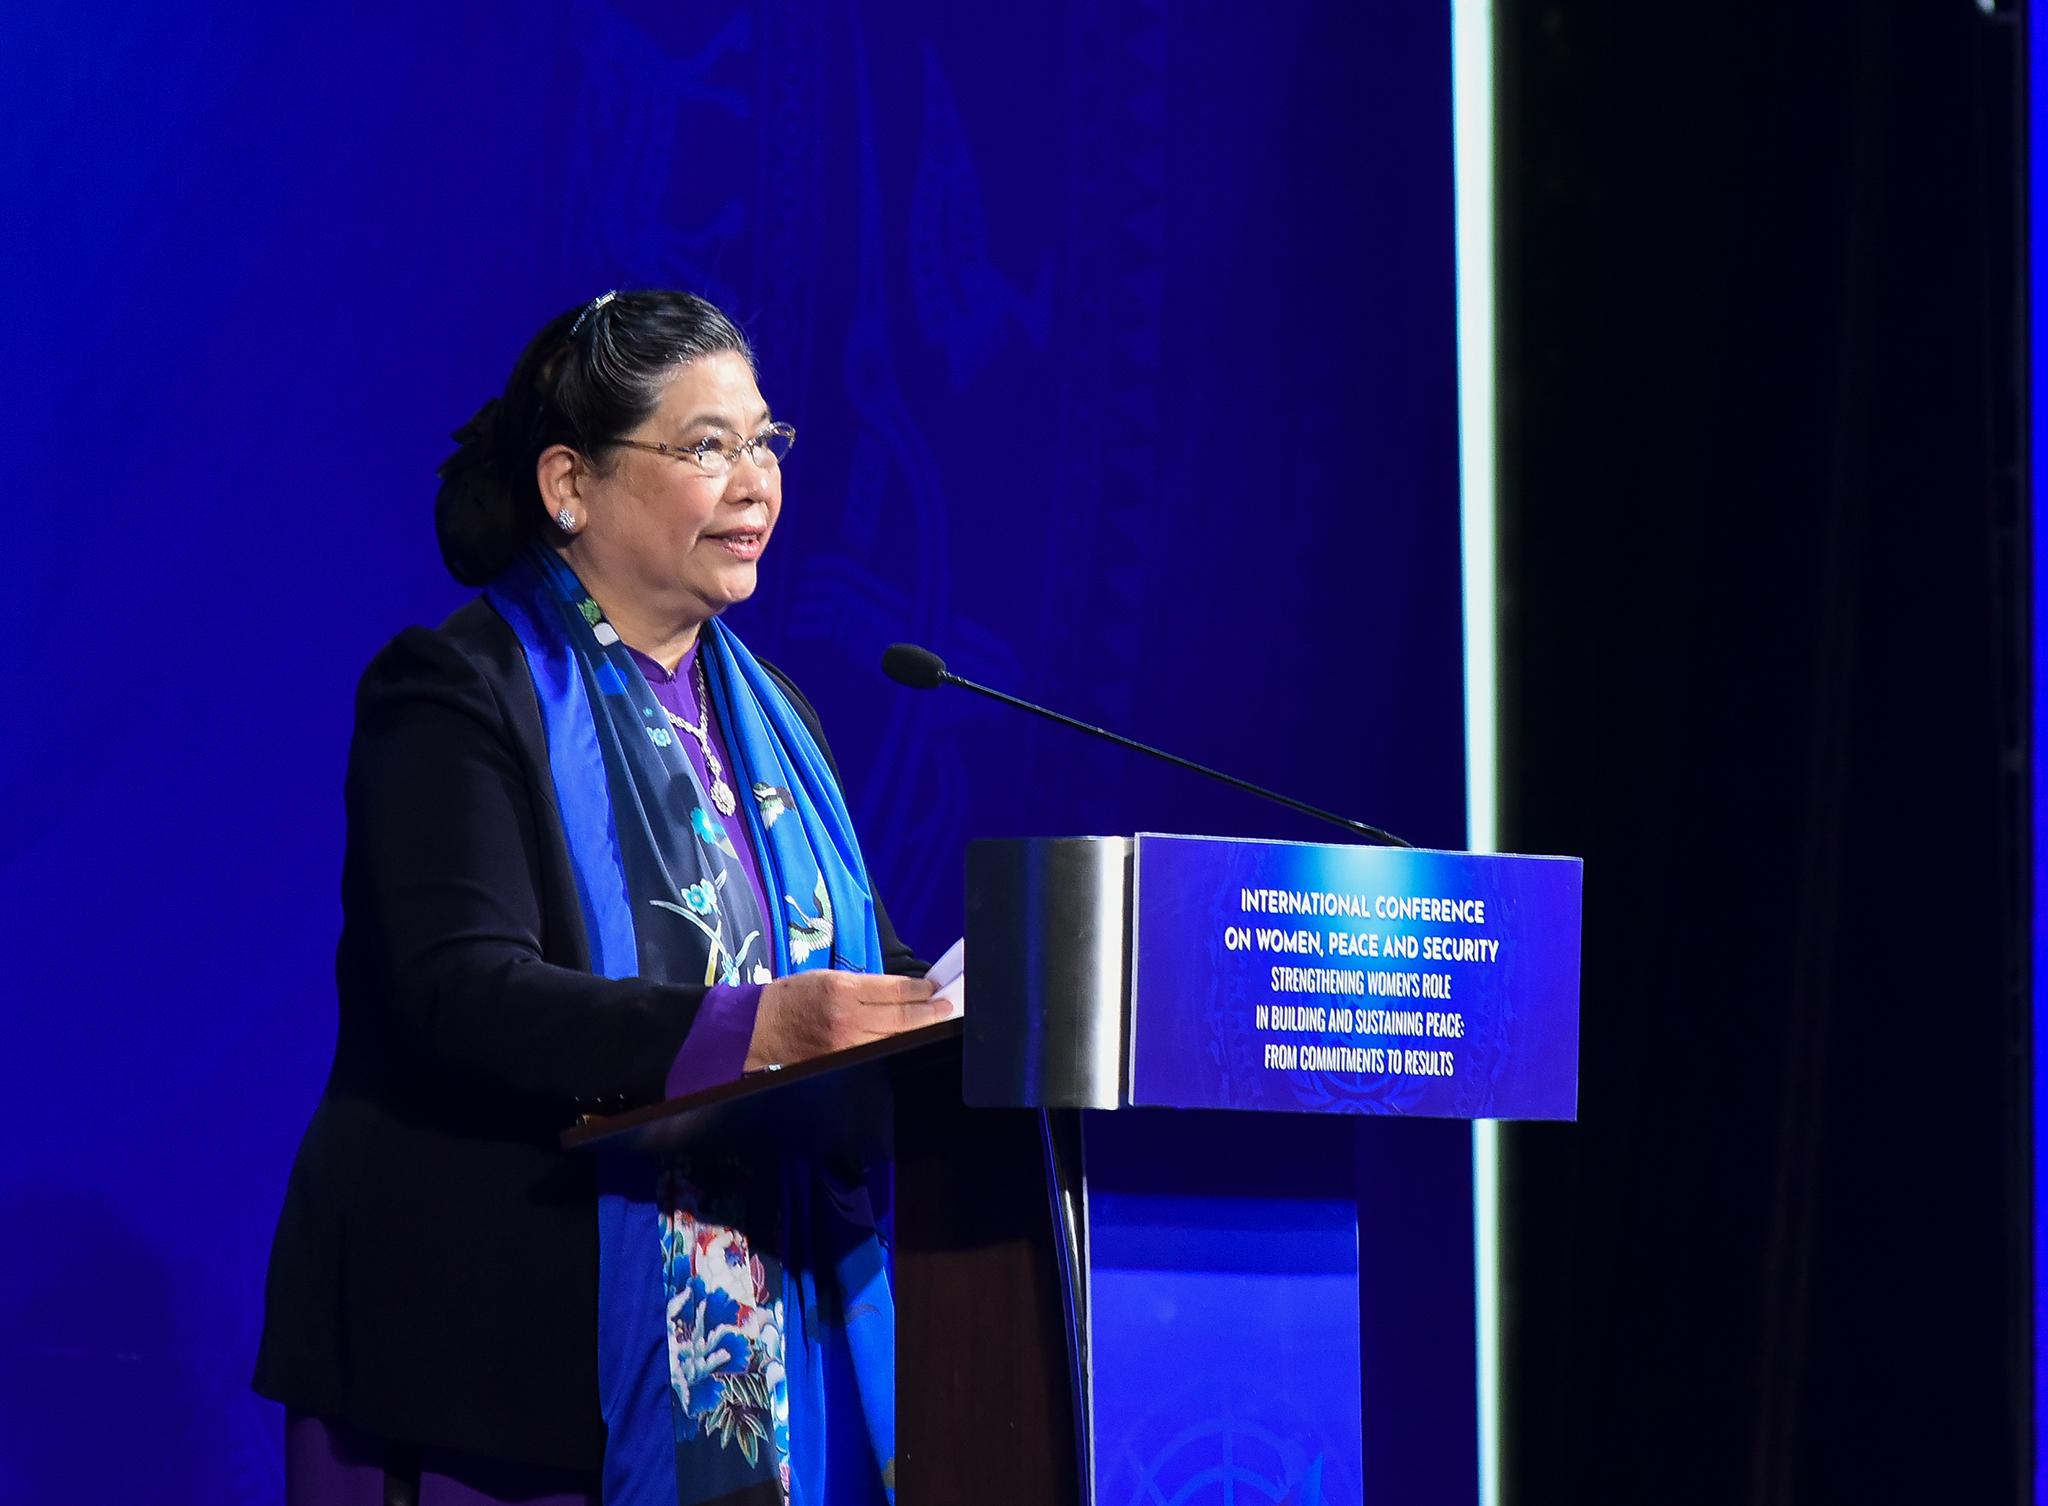 Phó Chủ tịch Quốc hội Tòng Thị Phóng phát biểu khai mạc Hội nghị. Ảnh: VGP/Hải Minh